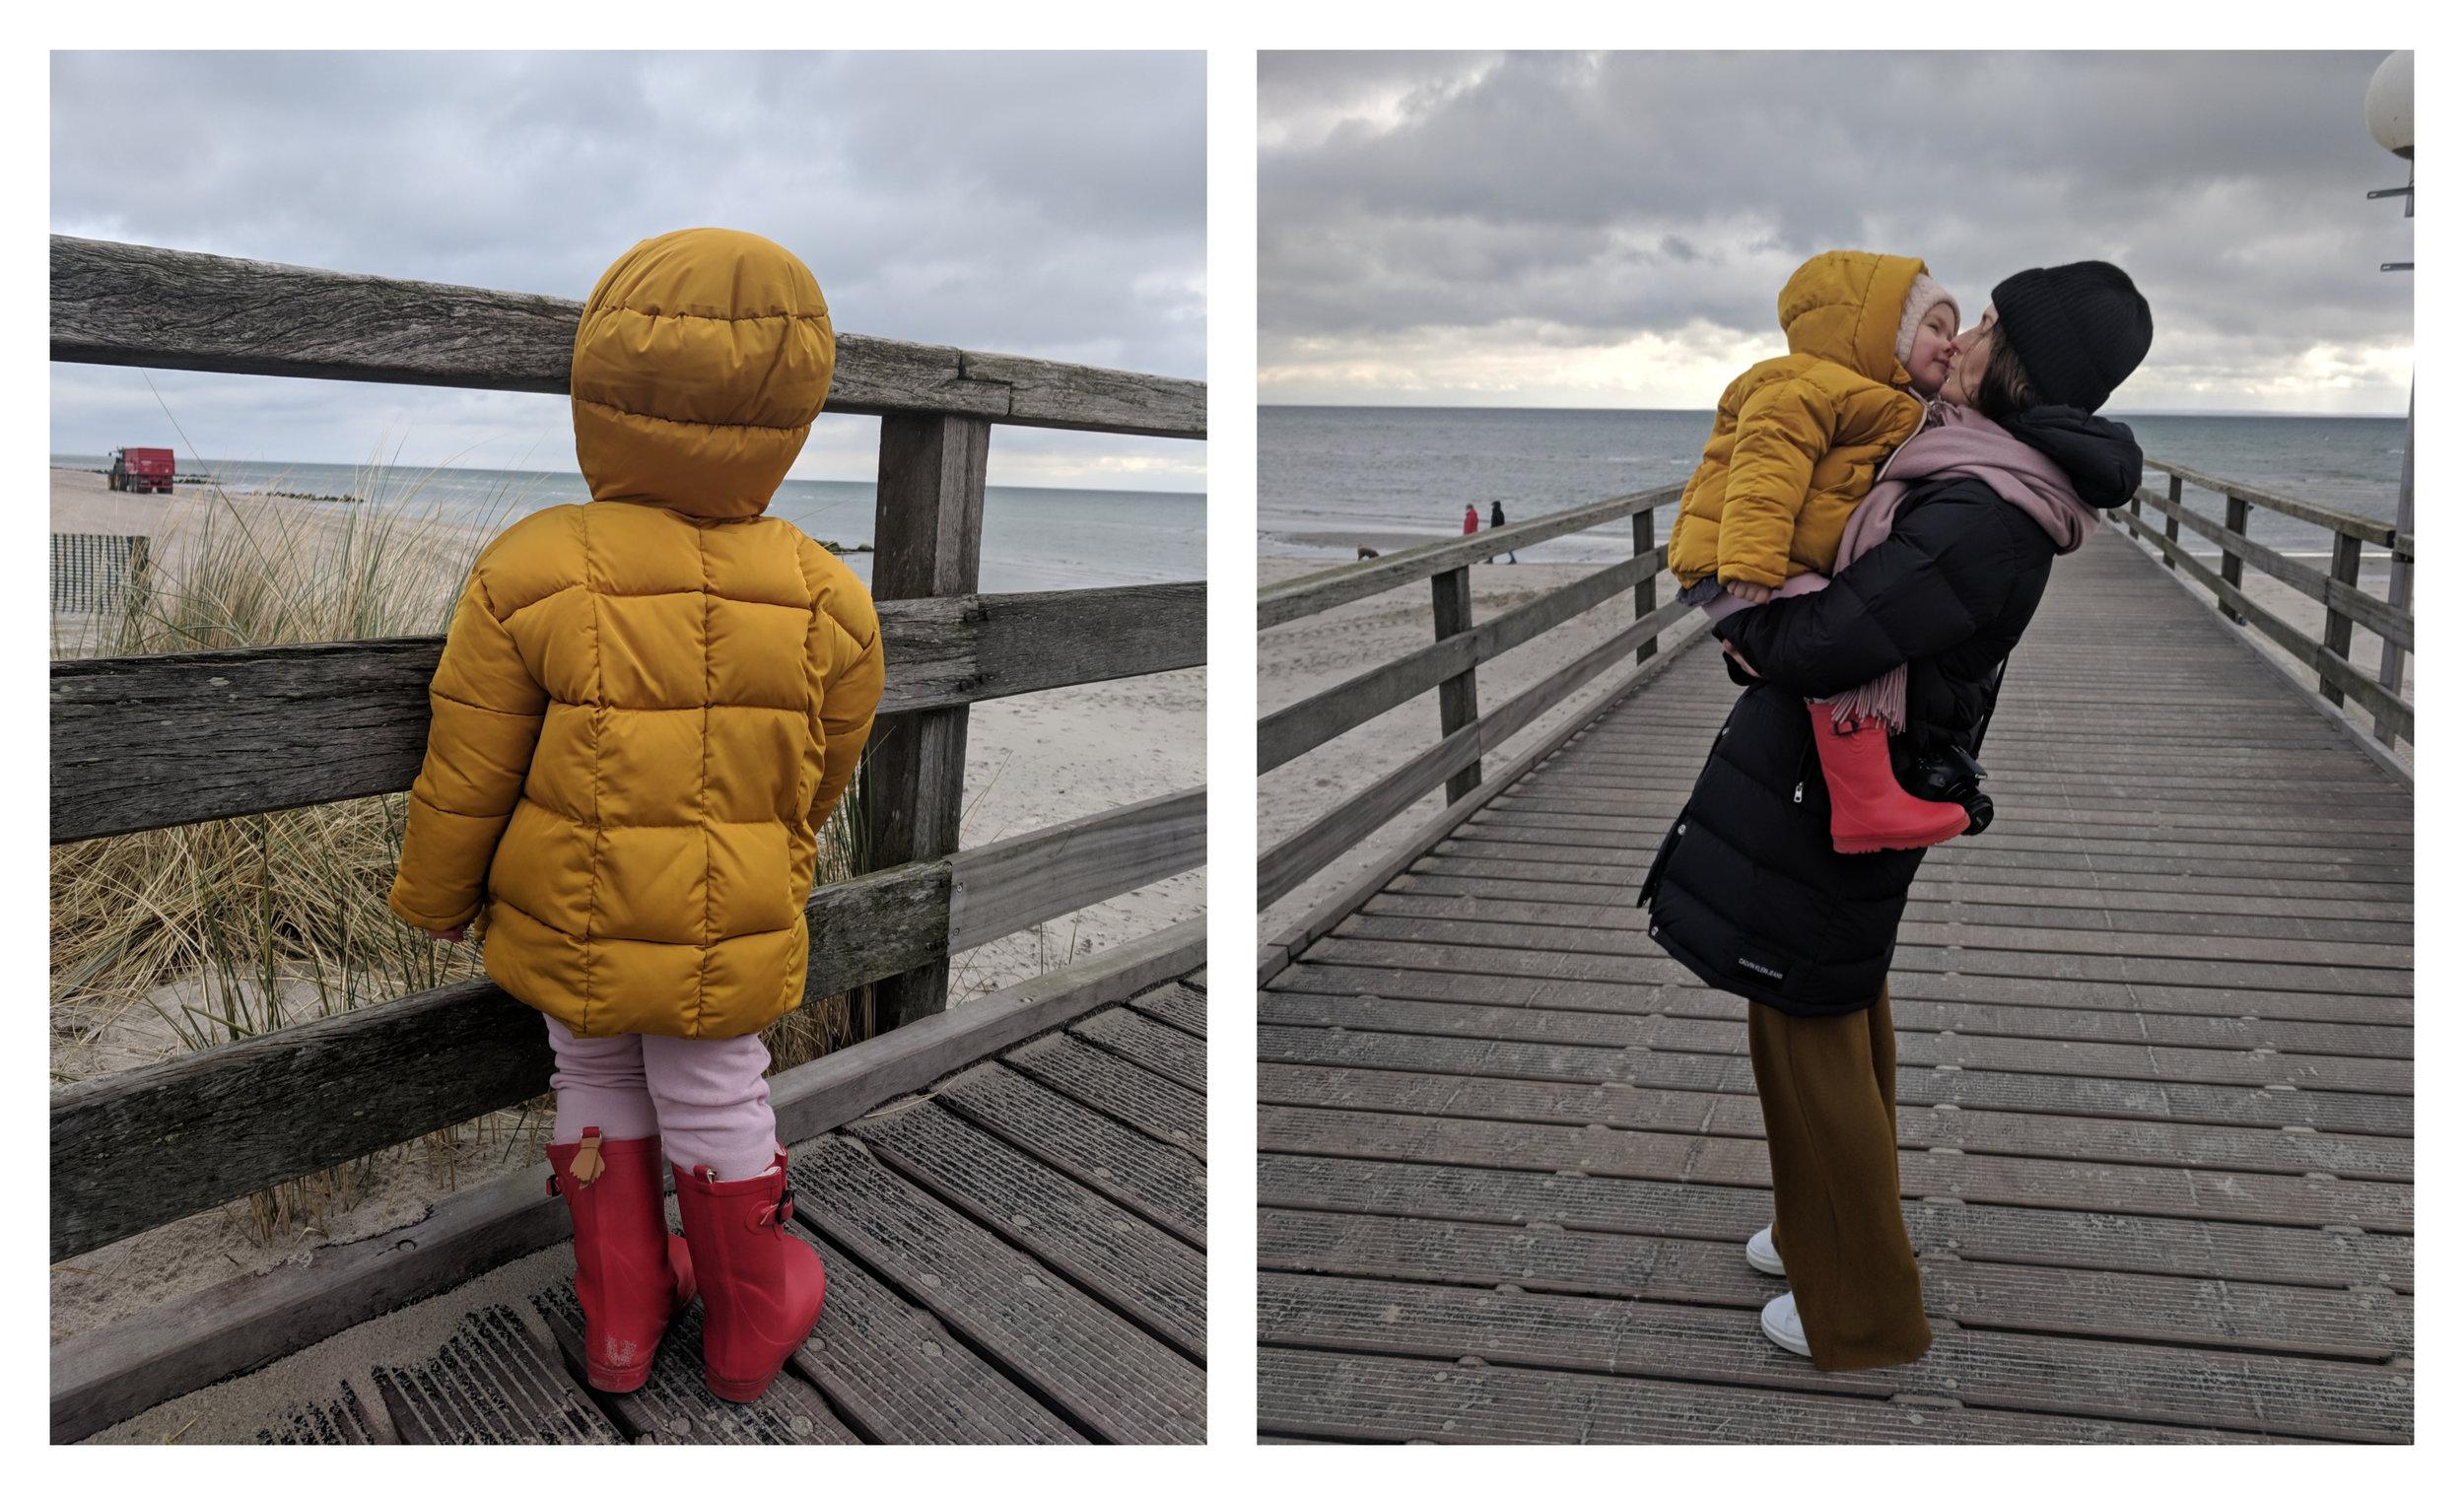 annaporter-baltic-sea-grömitz-collage-6.jpg